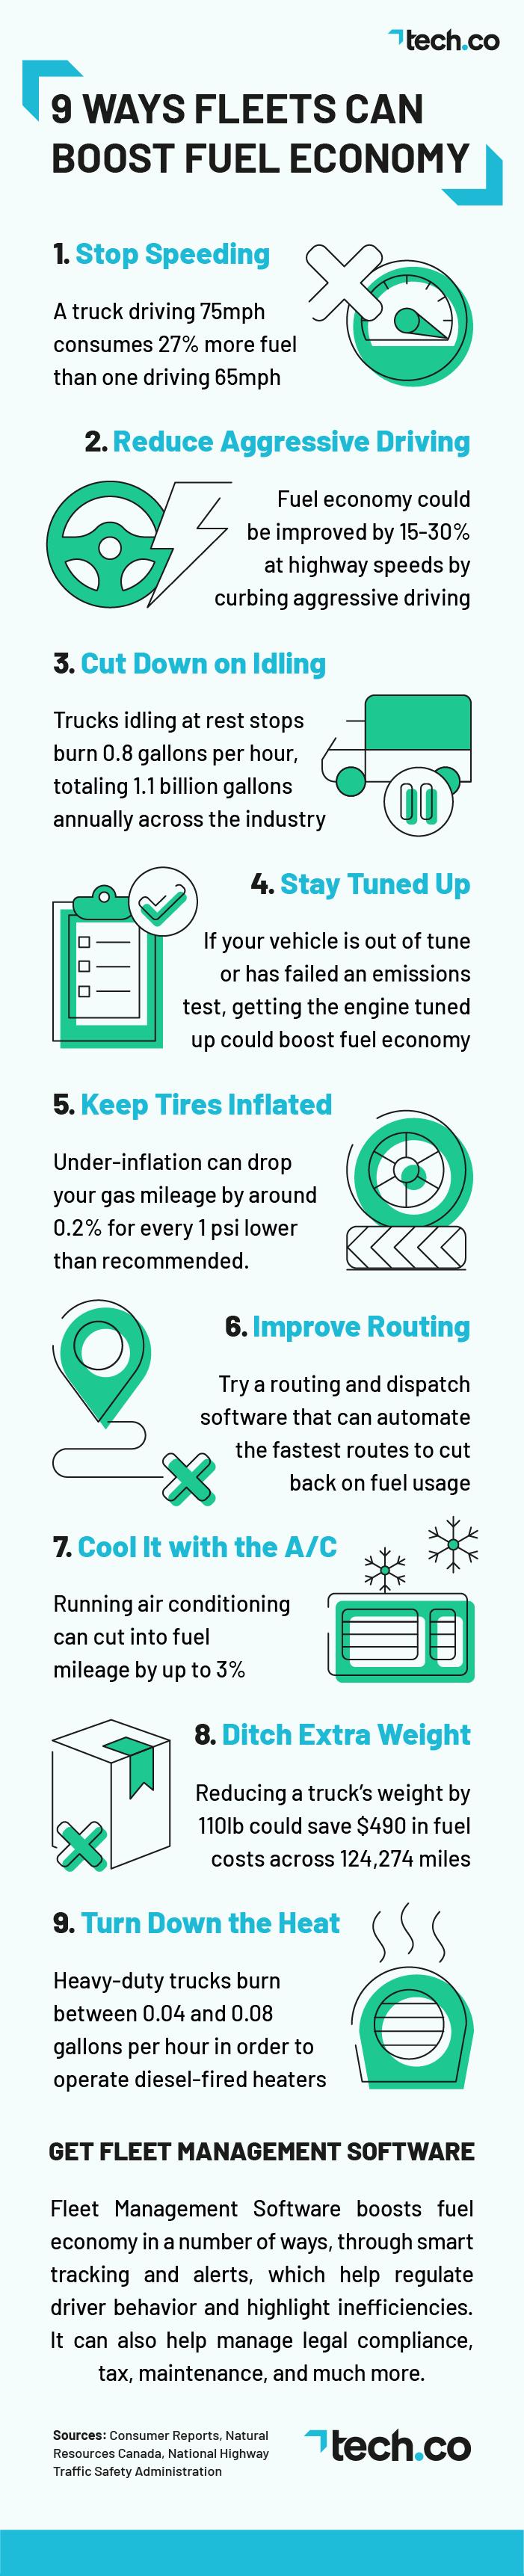 Fuel Economy Infographic